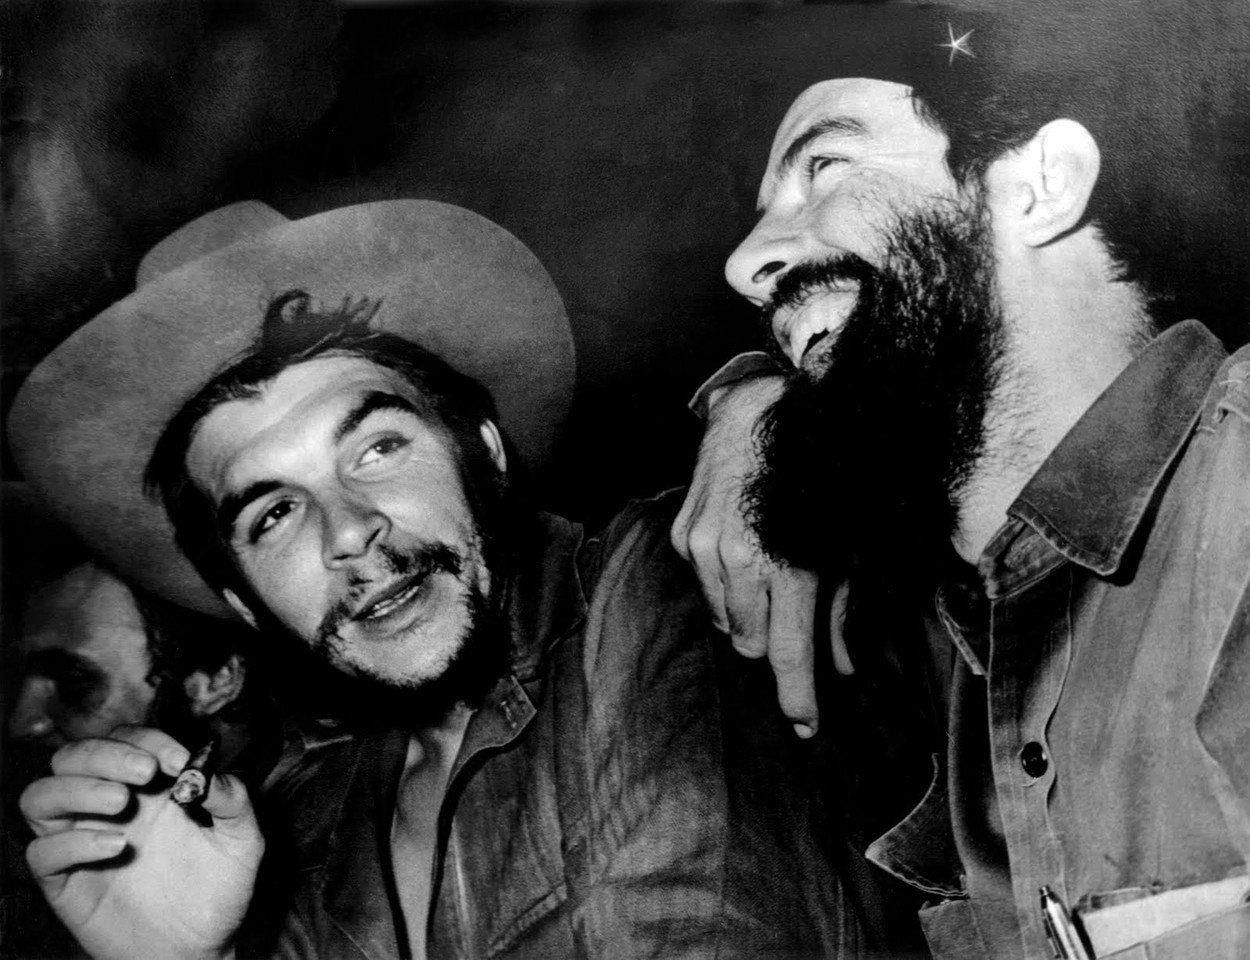 """Časopis Time v roce 1960 Che Guevaru označil za """"nejvíce fascinujícího a nejnebezpečnějšího člena triumvirátu"""" na Kubě."""